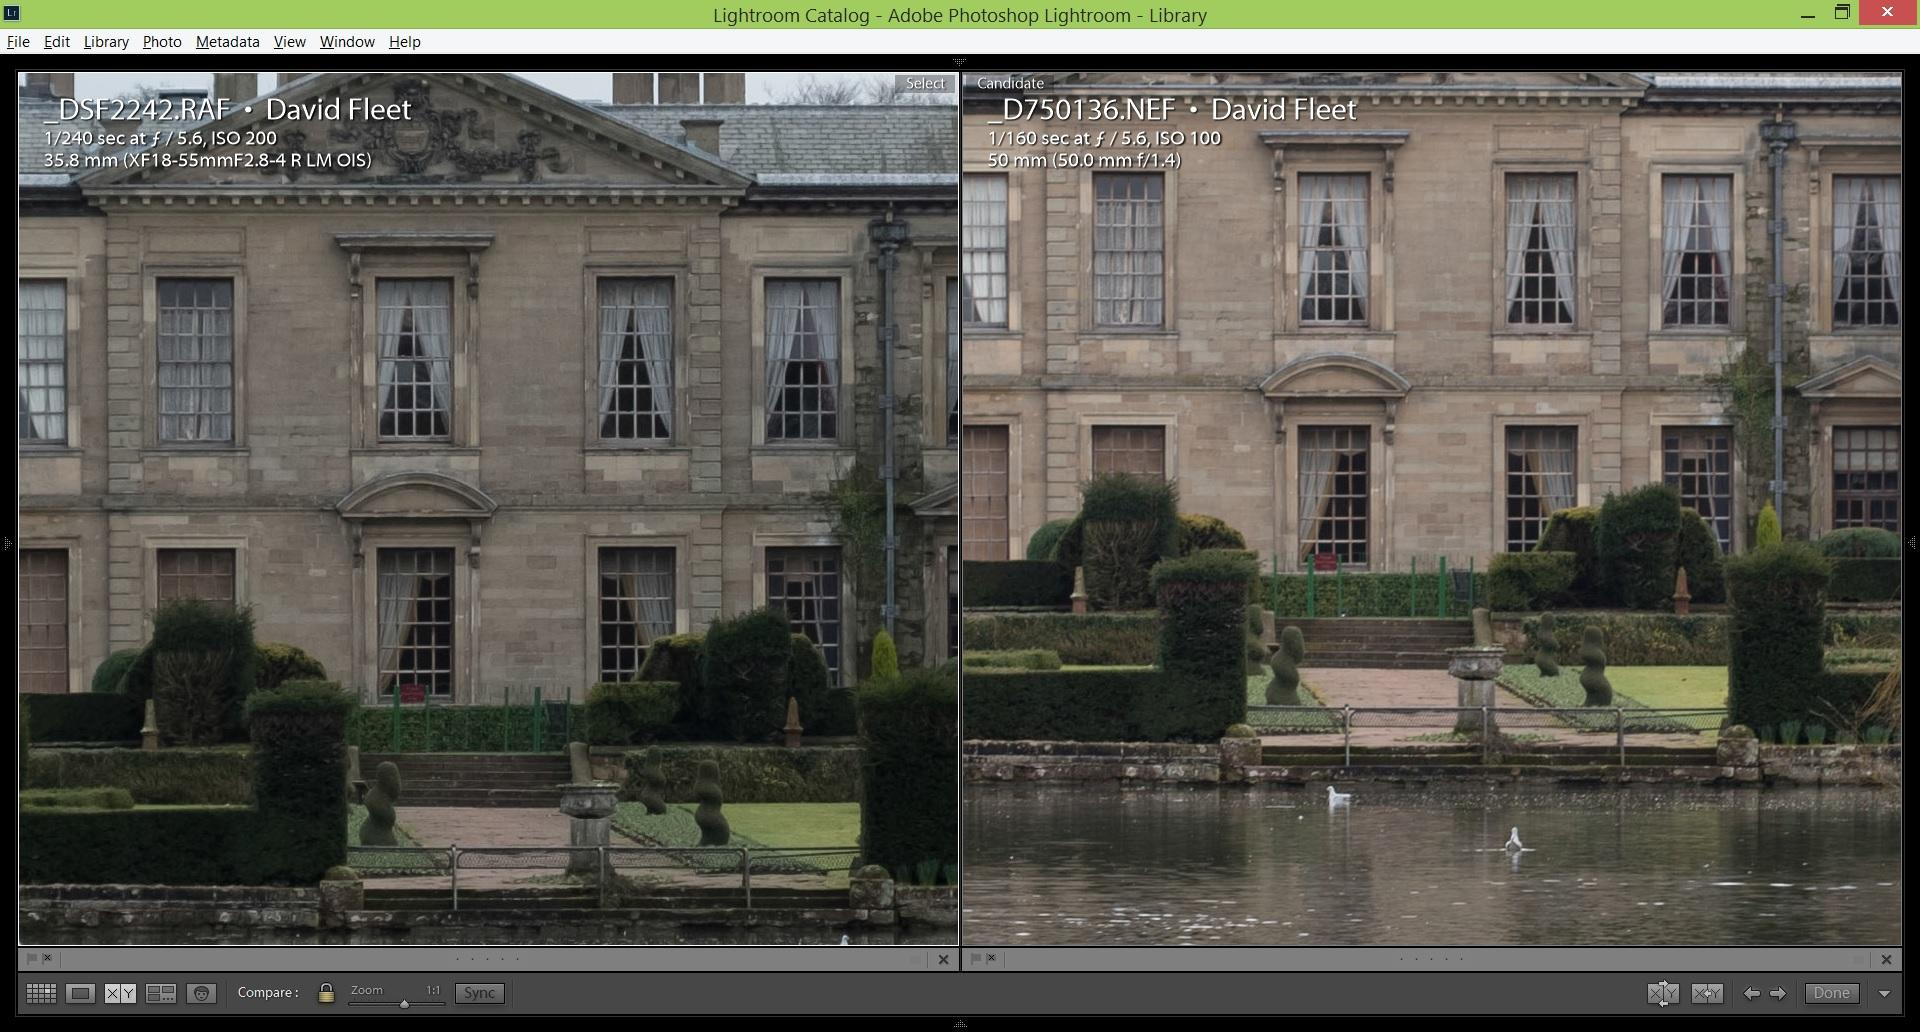 Fuji XT2 vs Nikon D750 - The Cotswold Photographer